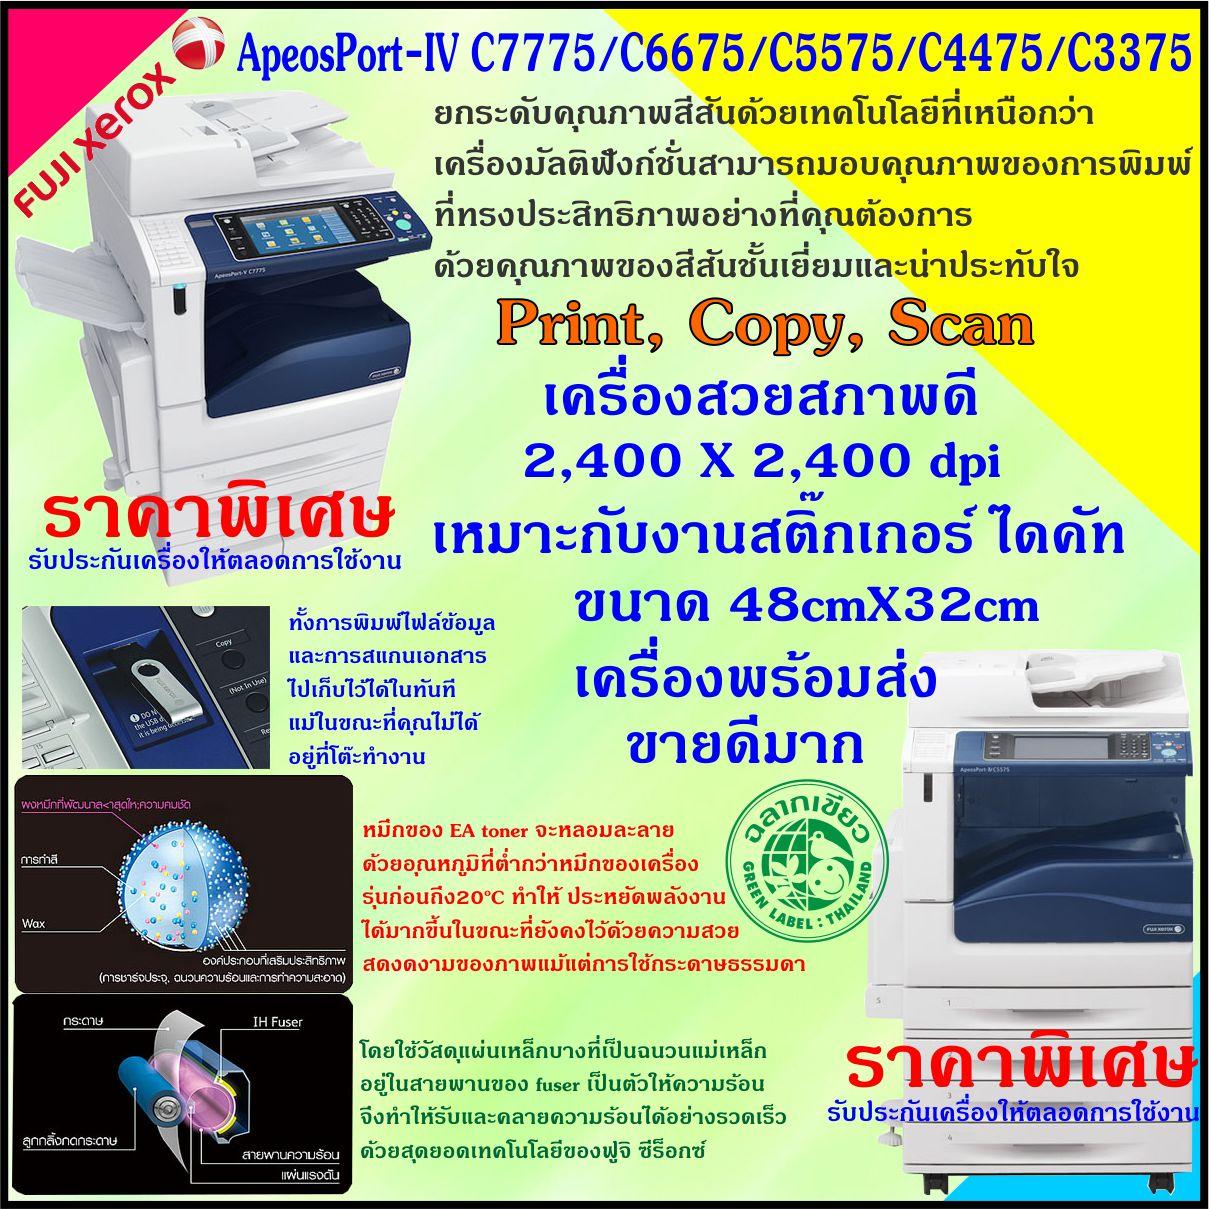 Fuji Xerox Apeosport-iv-c5575c4475c3375c3373c2275/